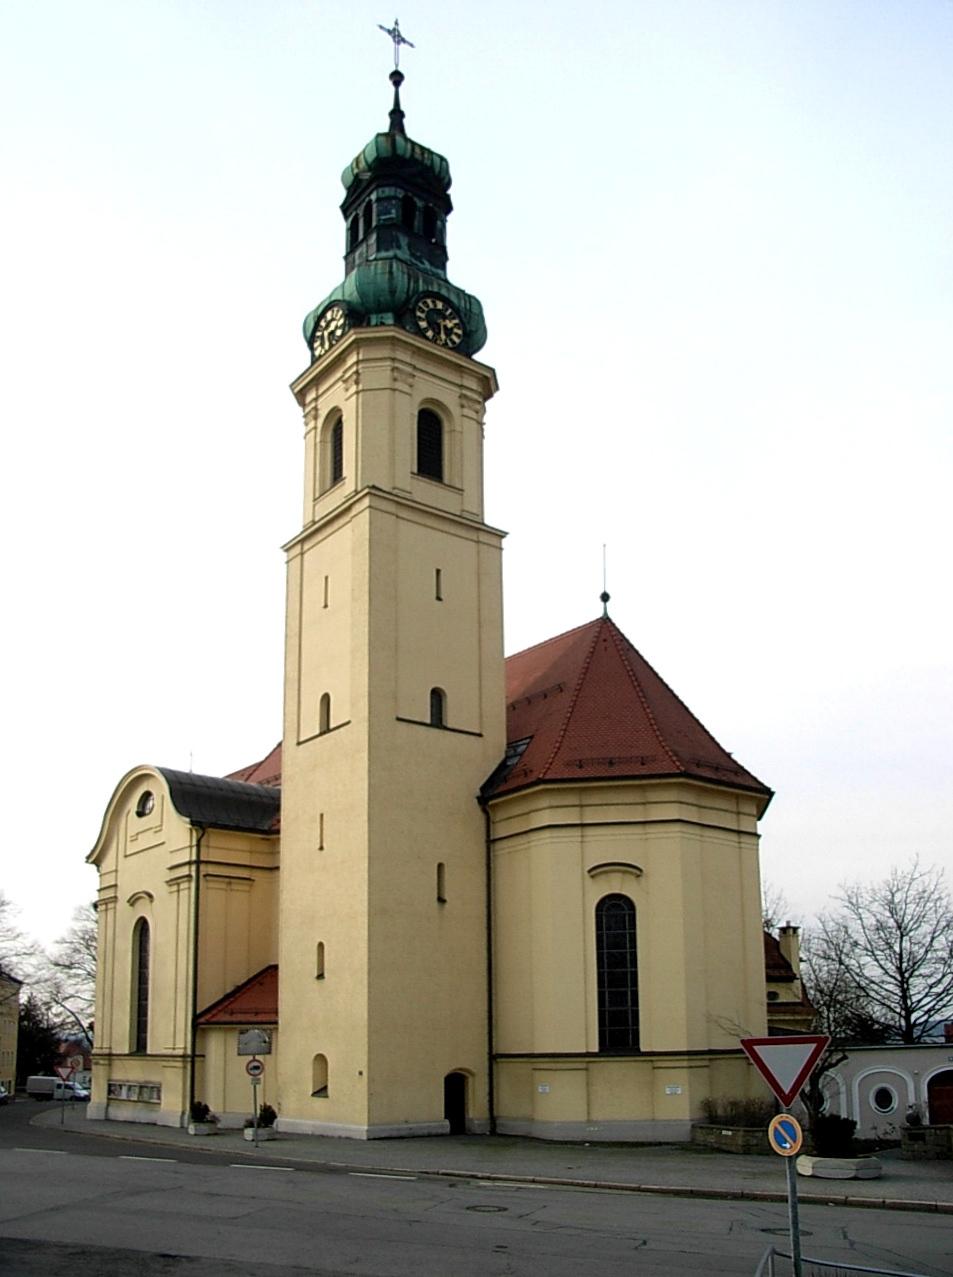 Pfarrkirche St Anton2 C Passau